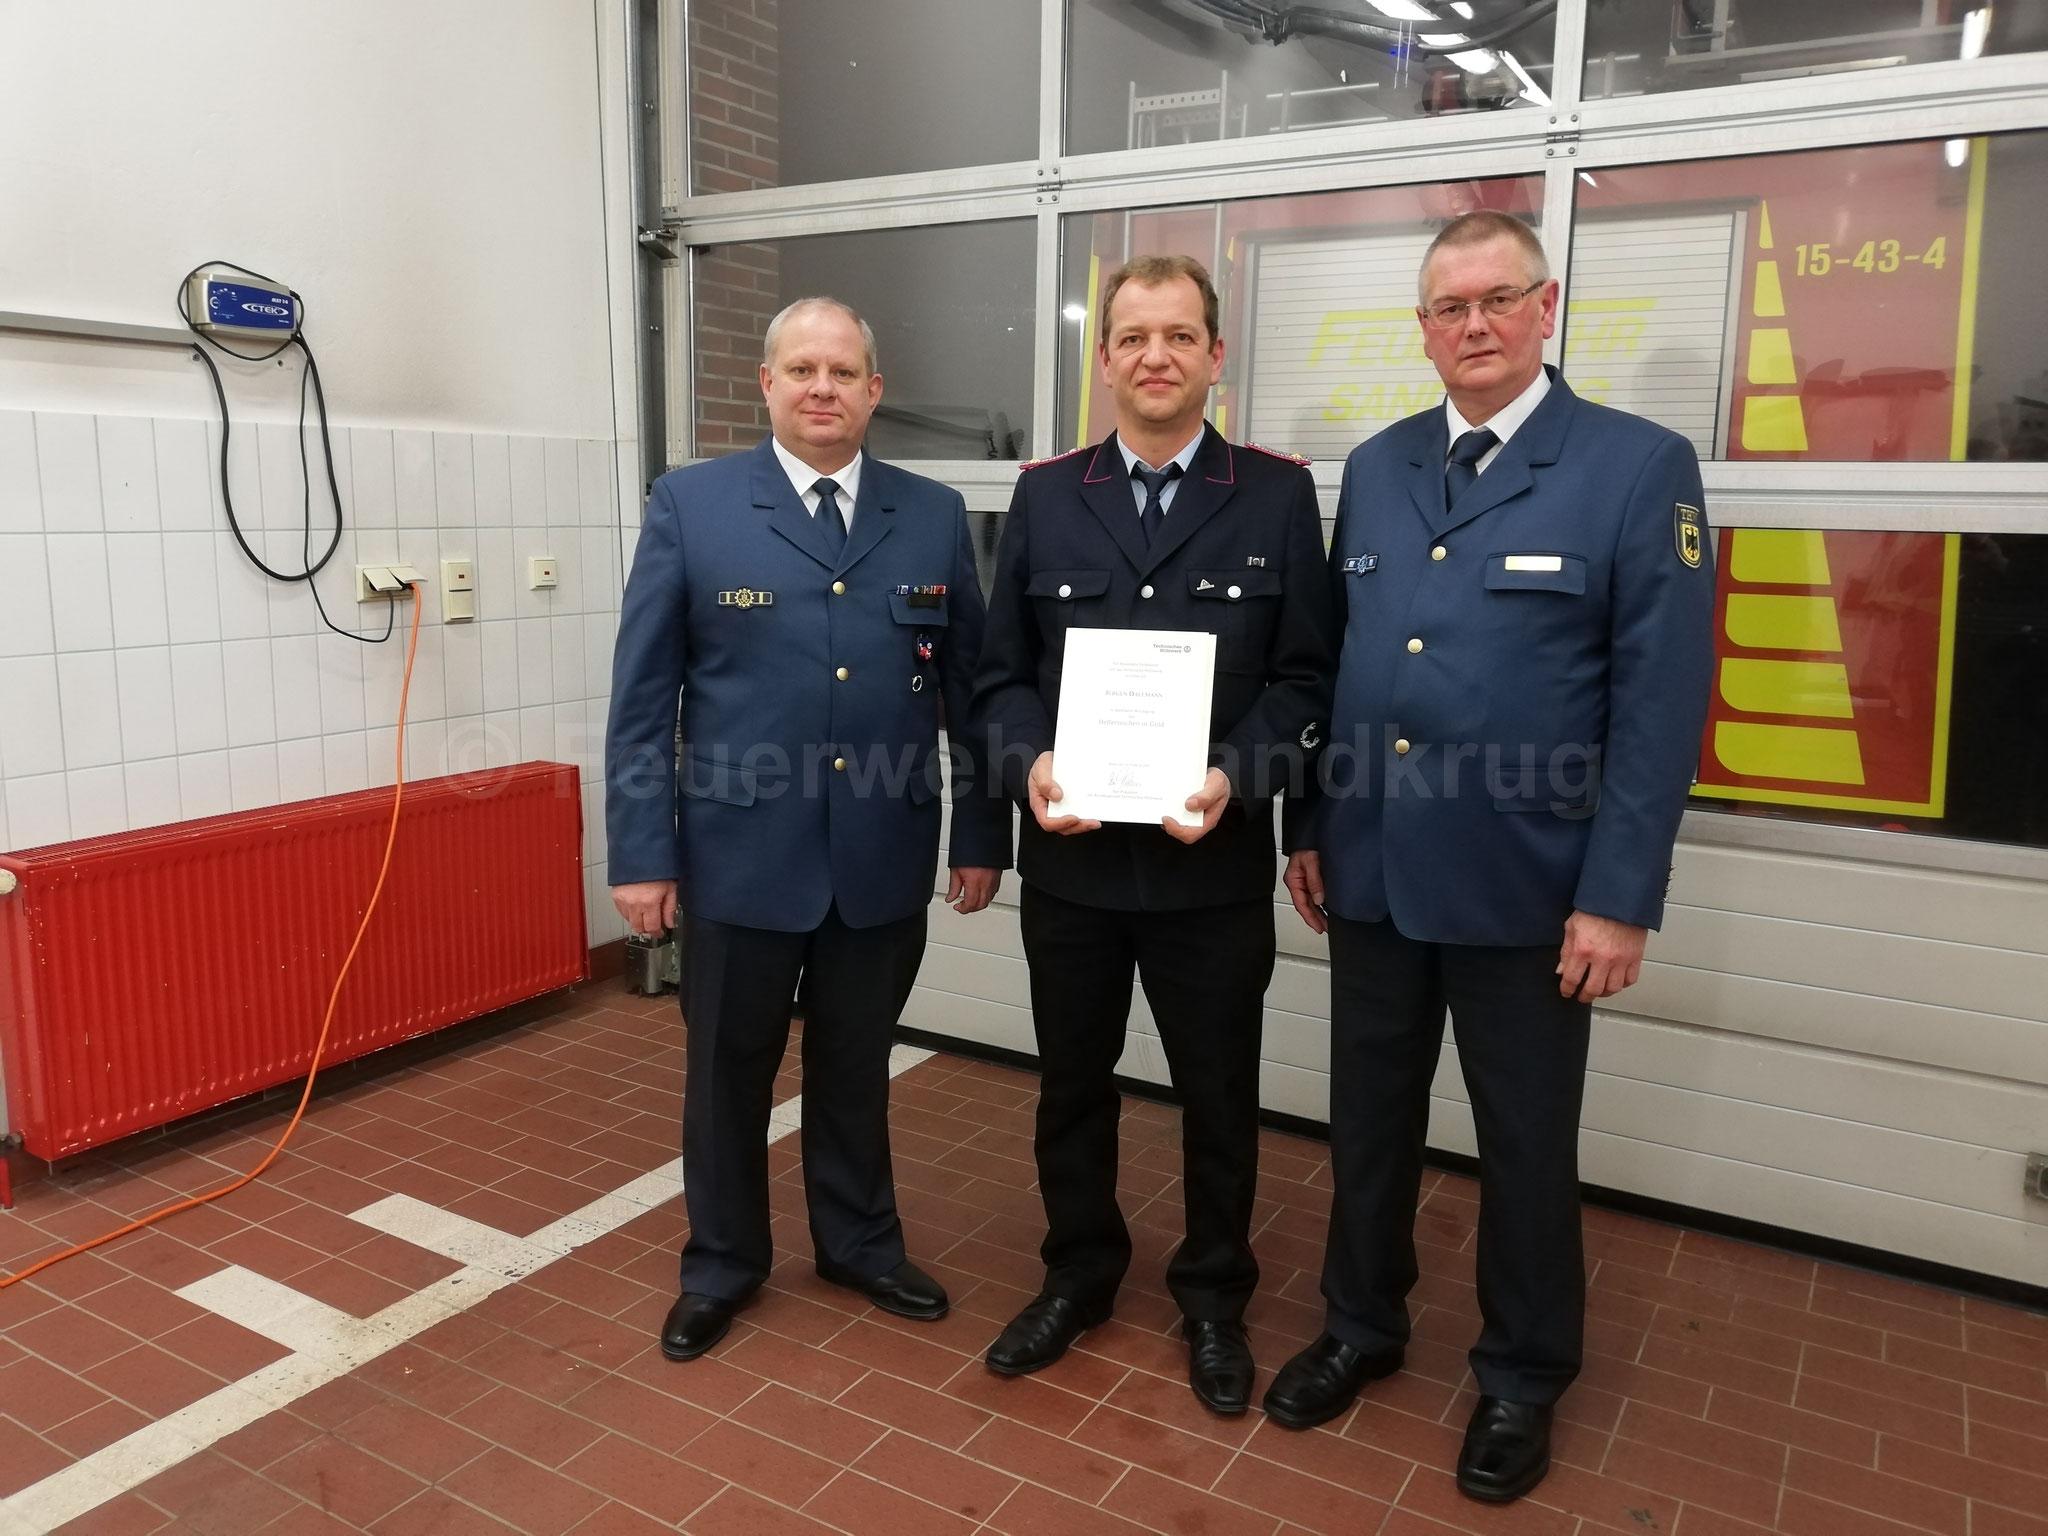 (von links) Gerold Wulf, Jürgen Dallmann, Dirk Fürst.